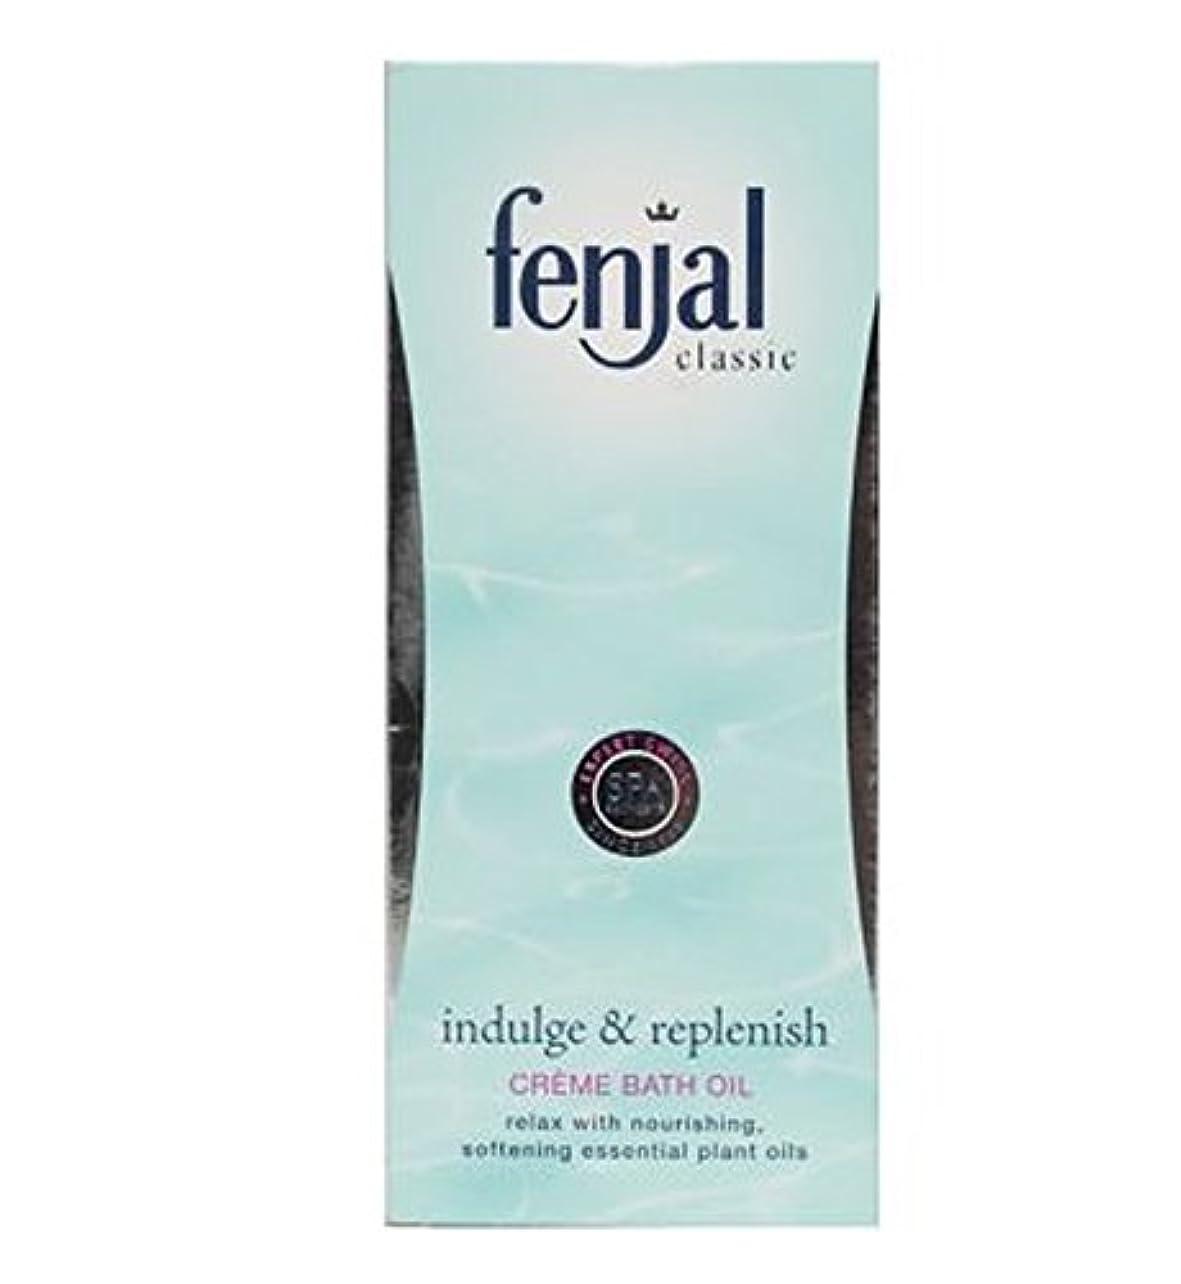 成り立つ財布チャットFenjal古典的な高級クリームバスオイル125ミリリットル (Fenjal) (x2) - Fenjal Classic Luxury Creme Bath Oil 125 ml (Pack of 2) [並行輸入品]